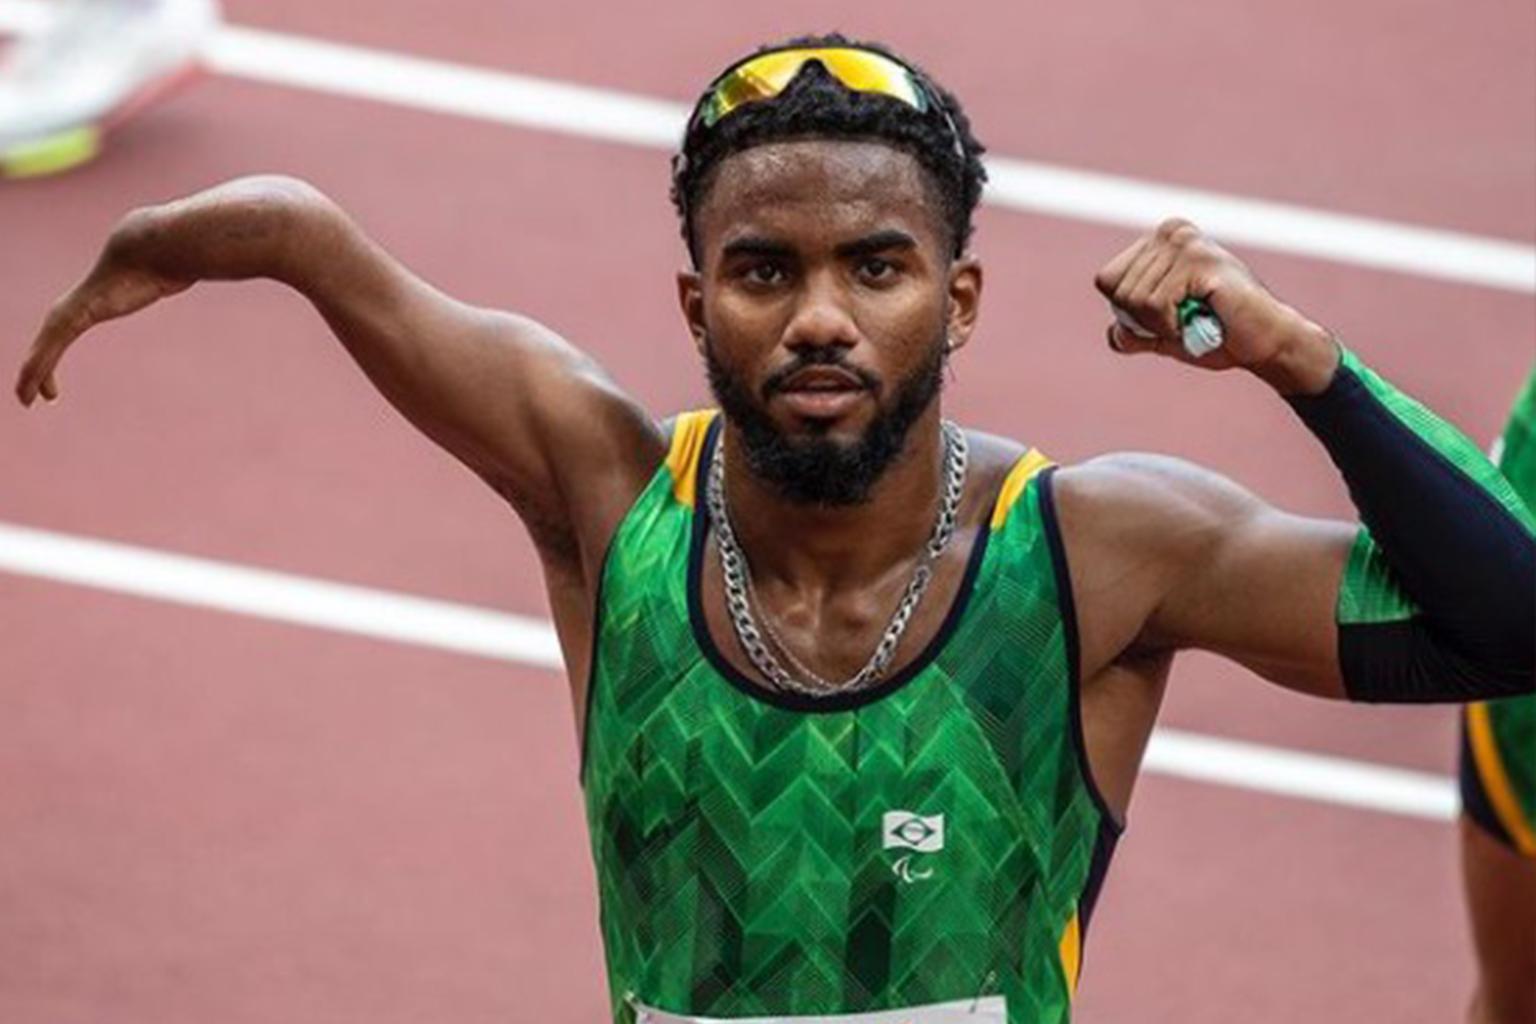 Cria da Cidade de Deus, atleta conquista o bronze nas paralimpíadas de Tóquio